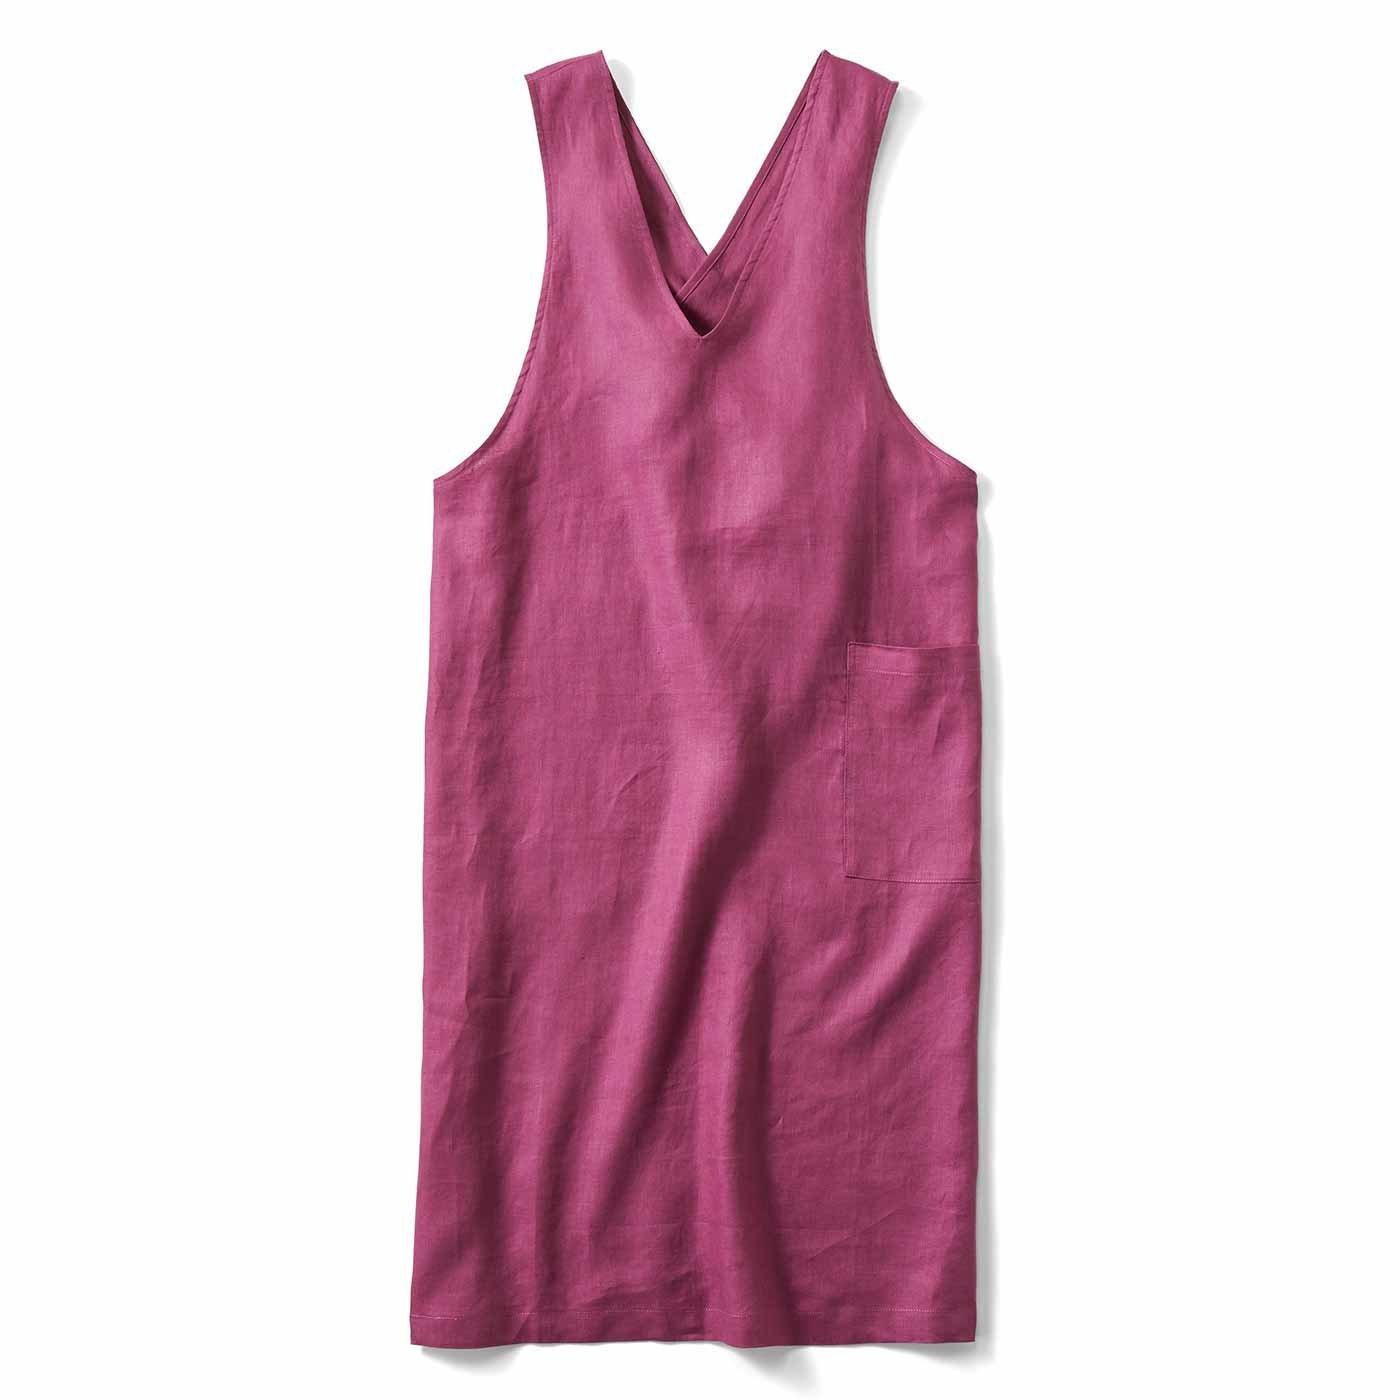 IEDIT[イディット] 麻混素材のジャンパースカート風エプロン〈ローズパープル〉